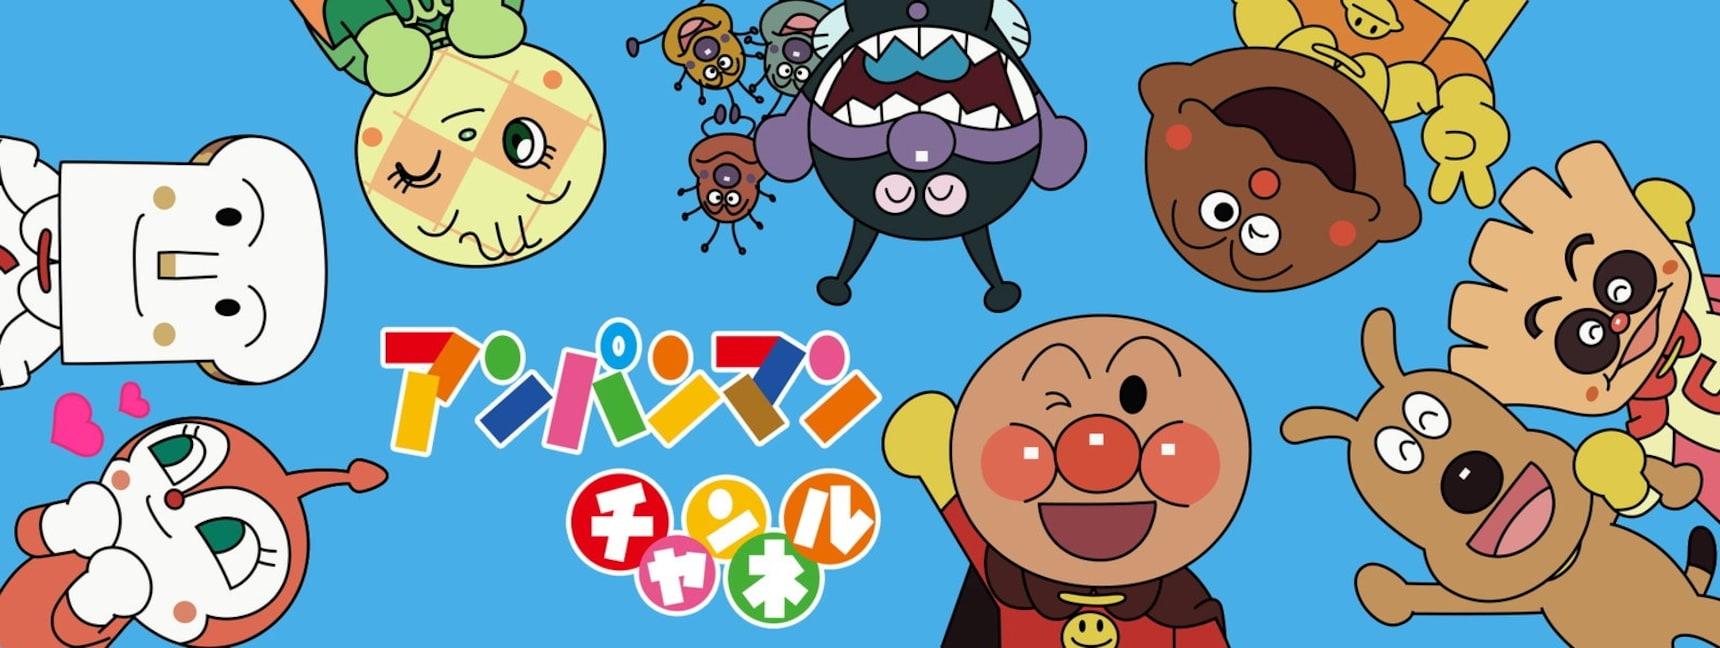 風靡全球的麵包超人系列玩具TOP 3